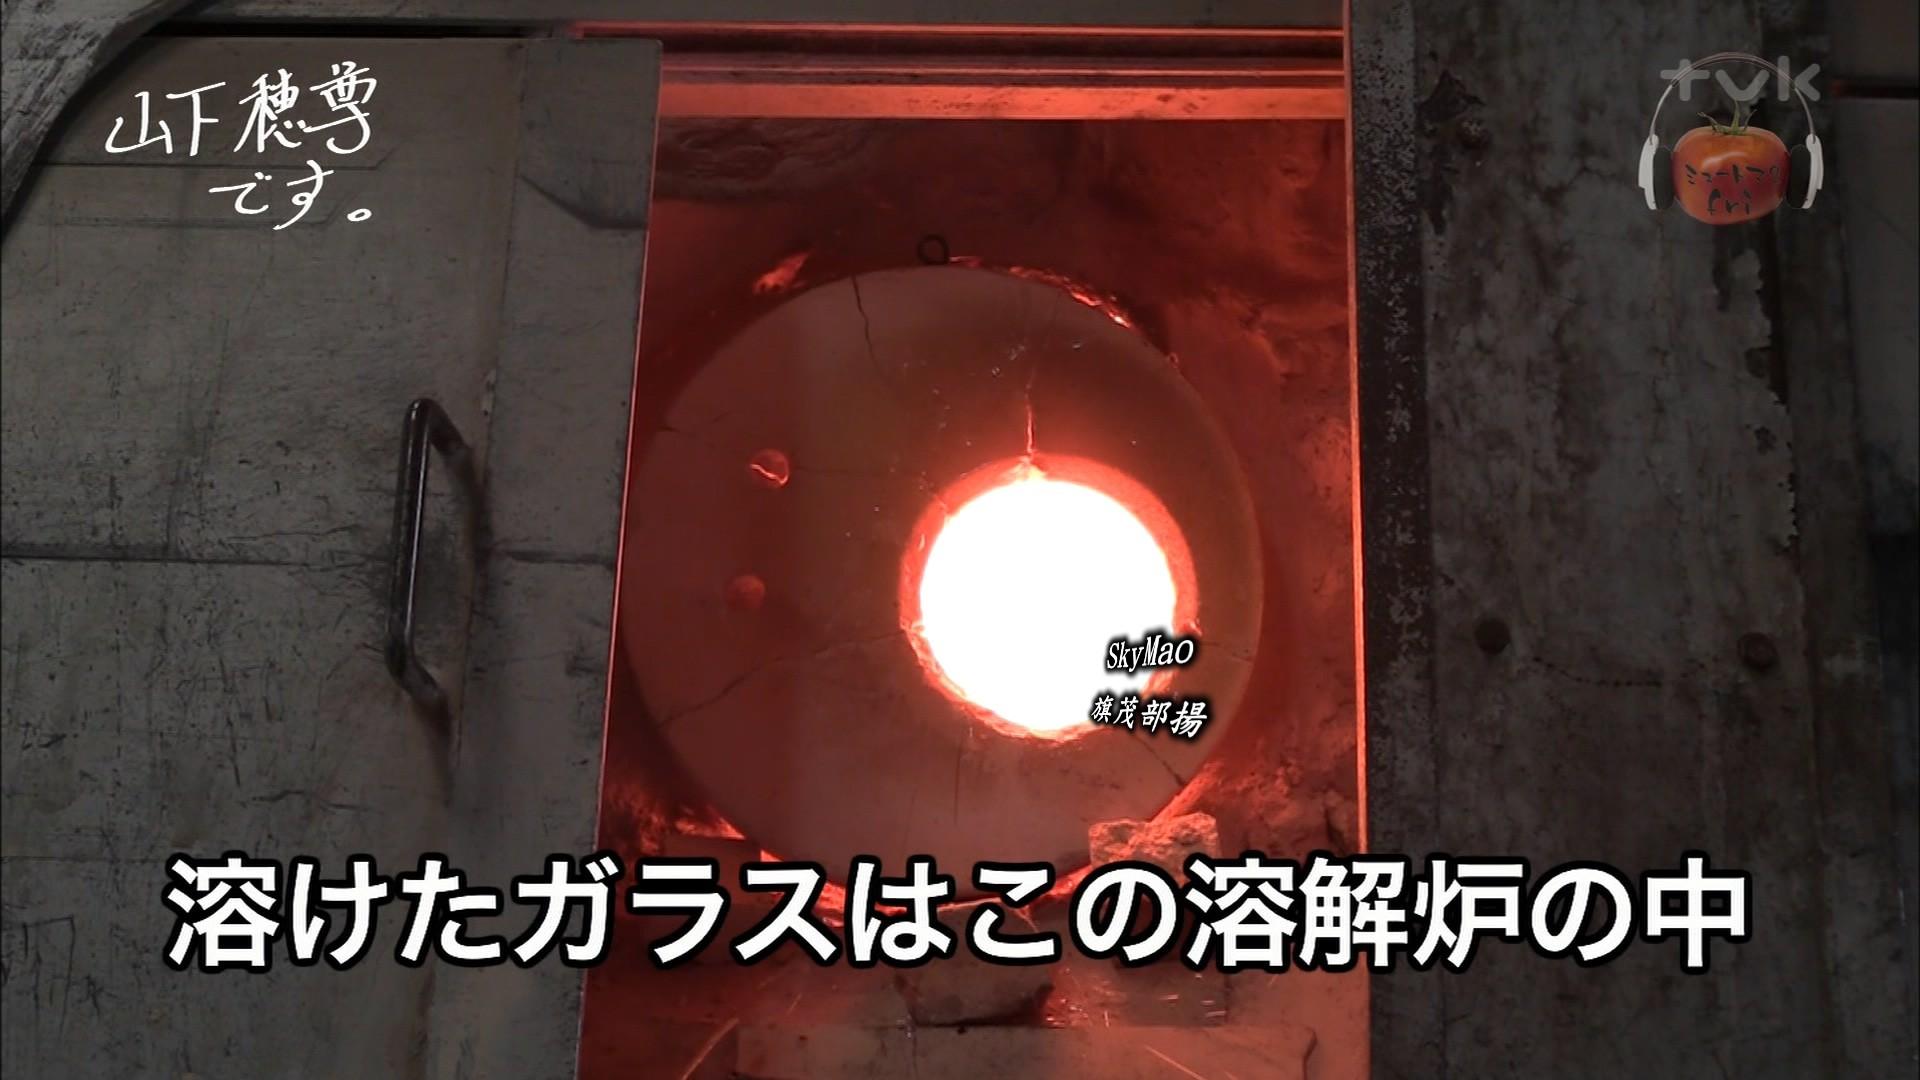 2017.09.01 全場(ミュートマ2).ts_20170902_011757.392